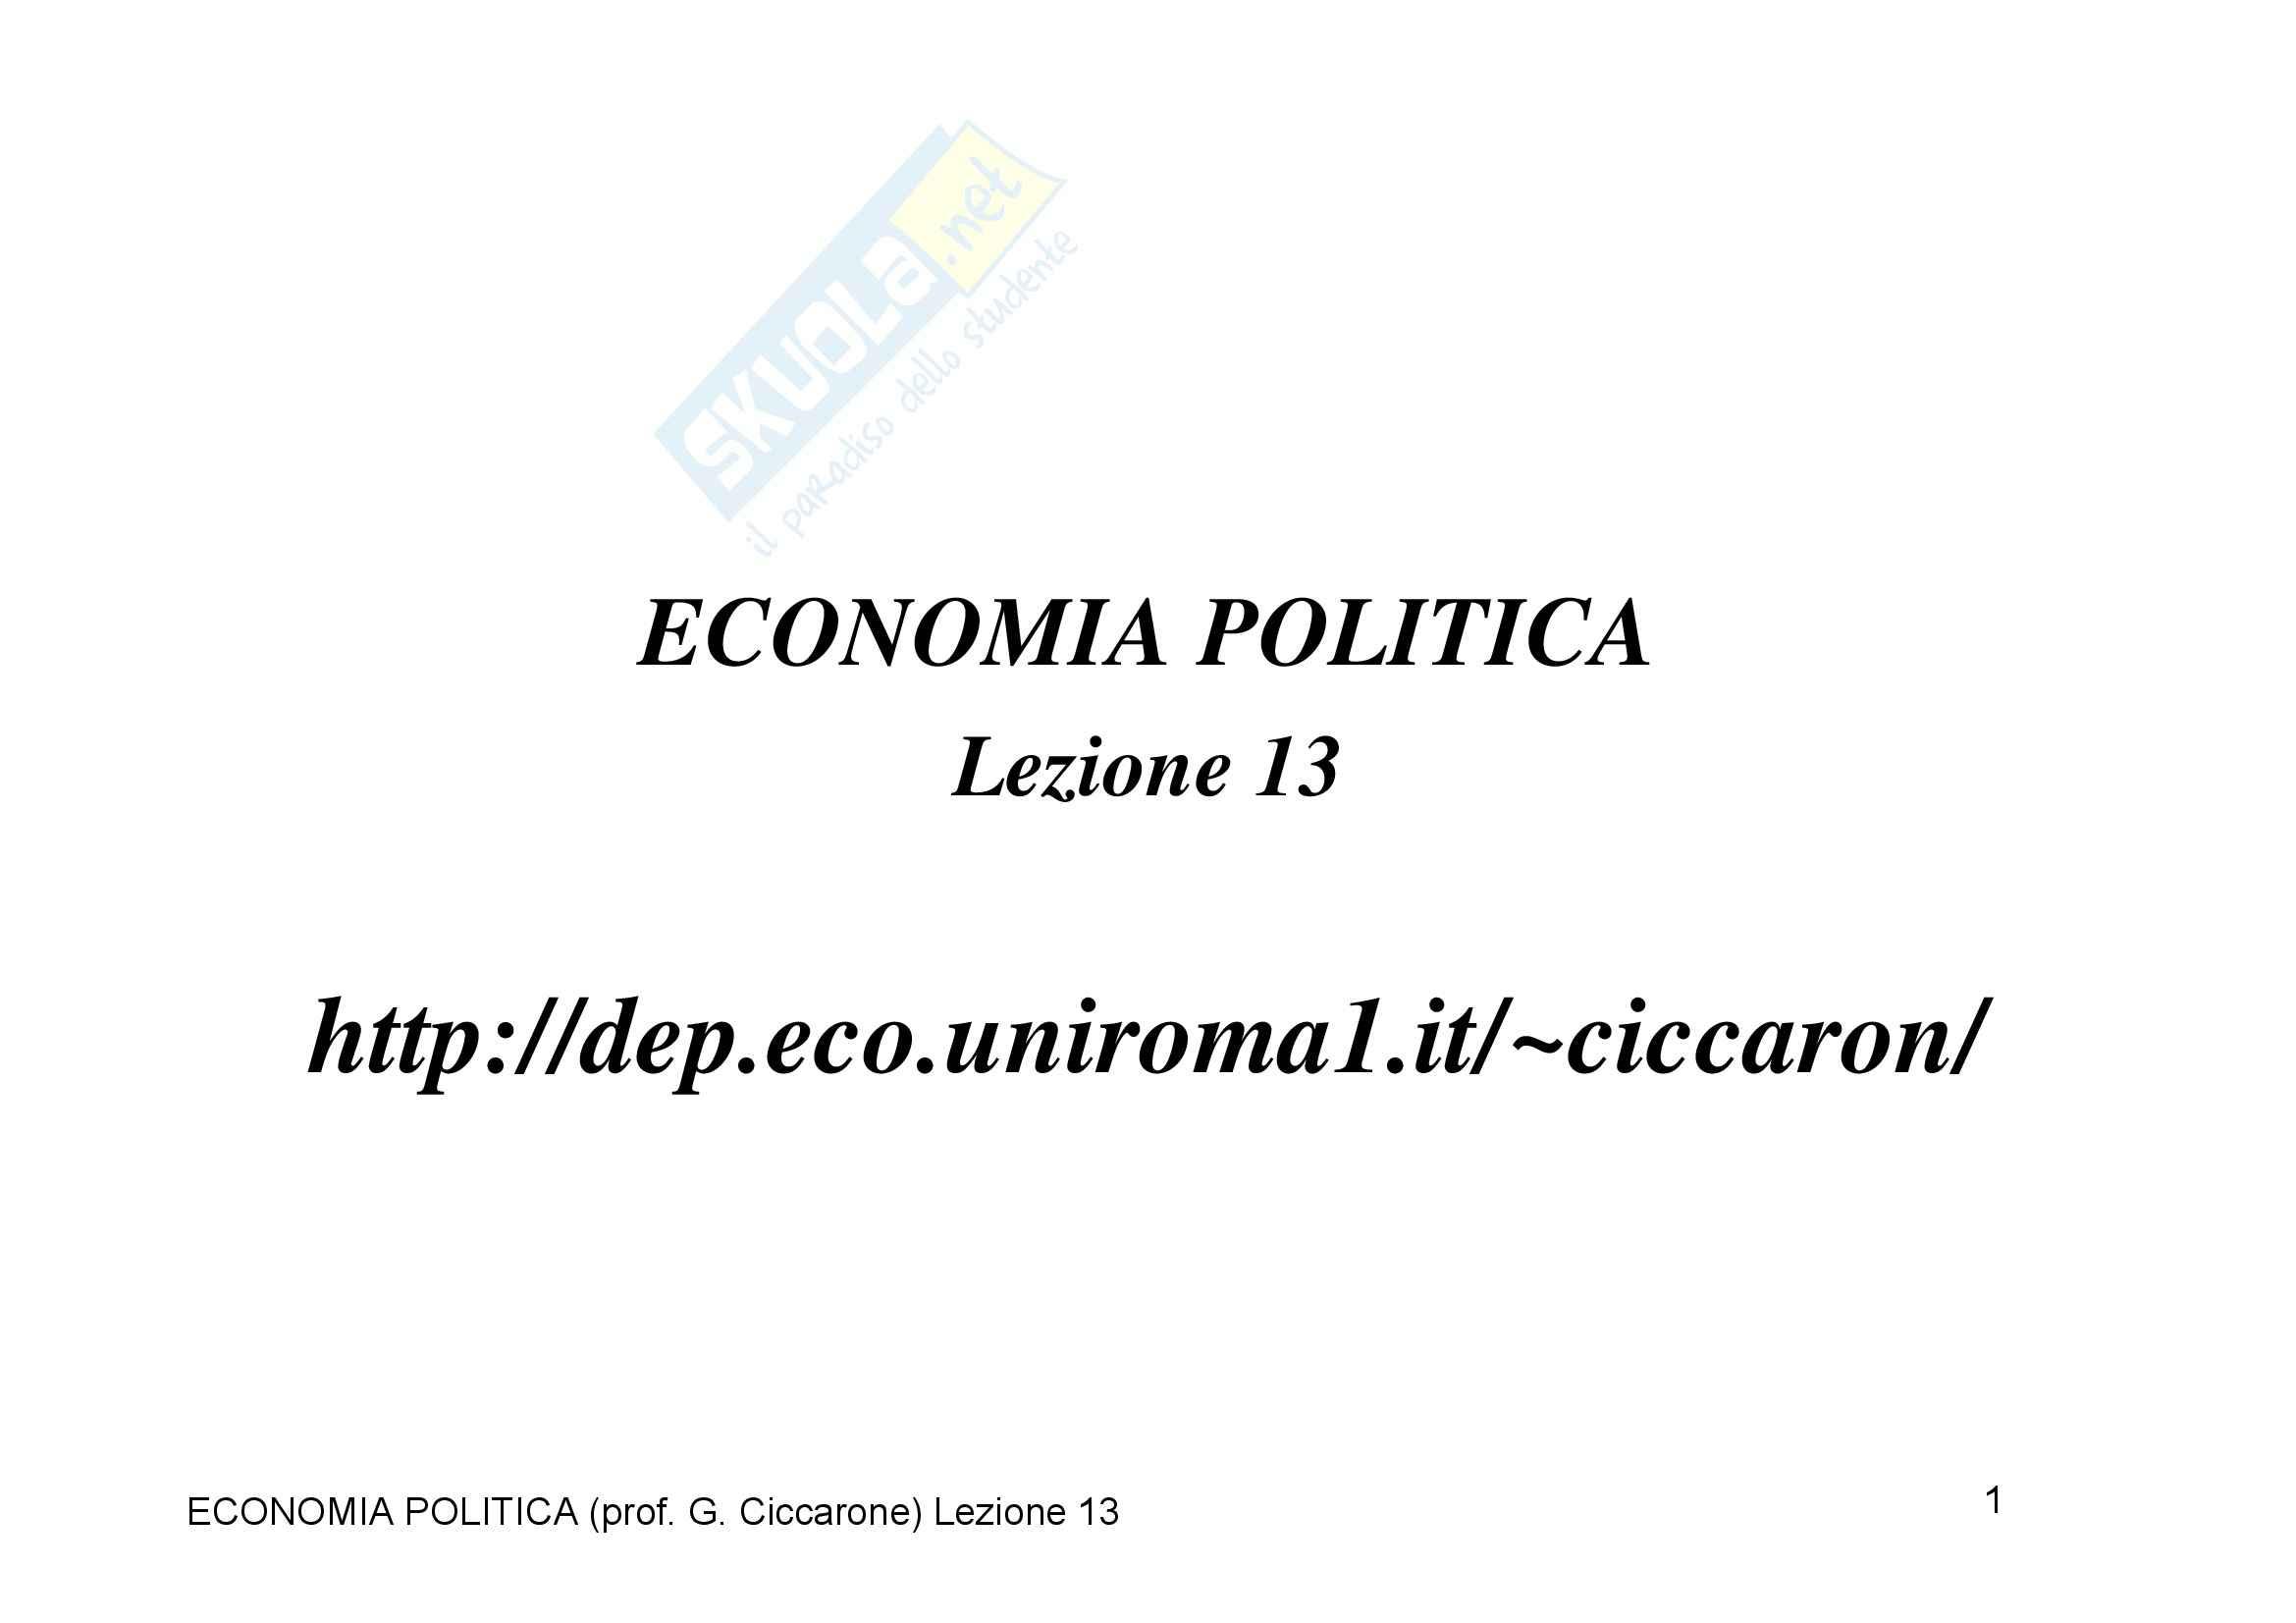 Economia monetaria - l'utilità e il consumo